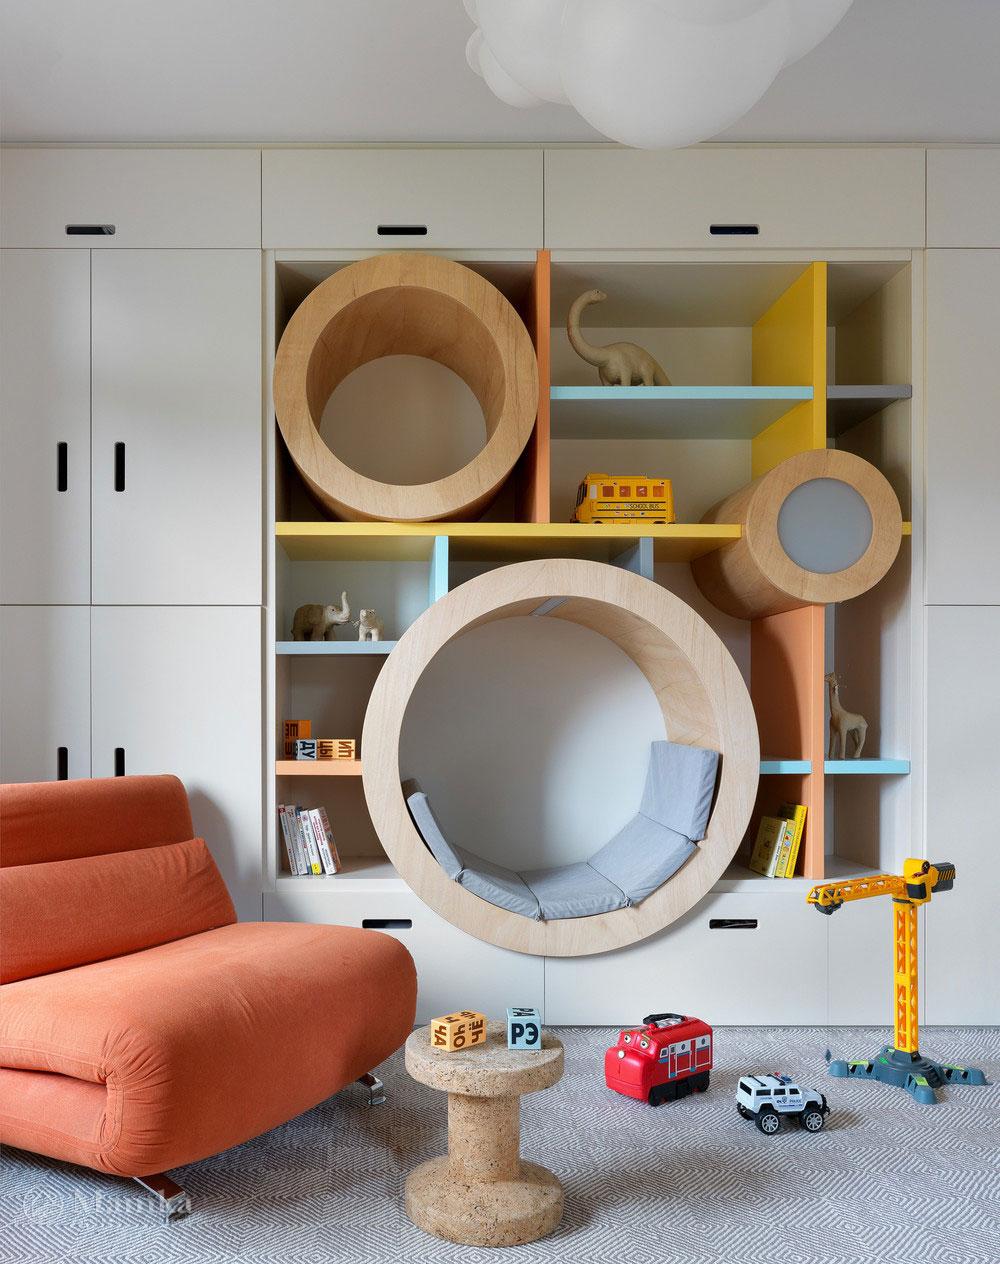 Детская комната для мальчика с комфортным красочным интерьером 1